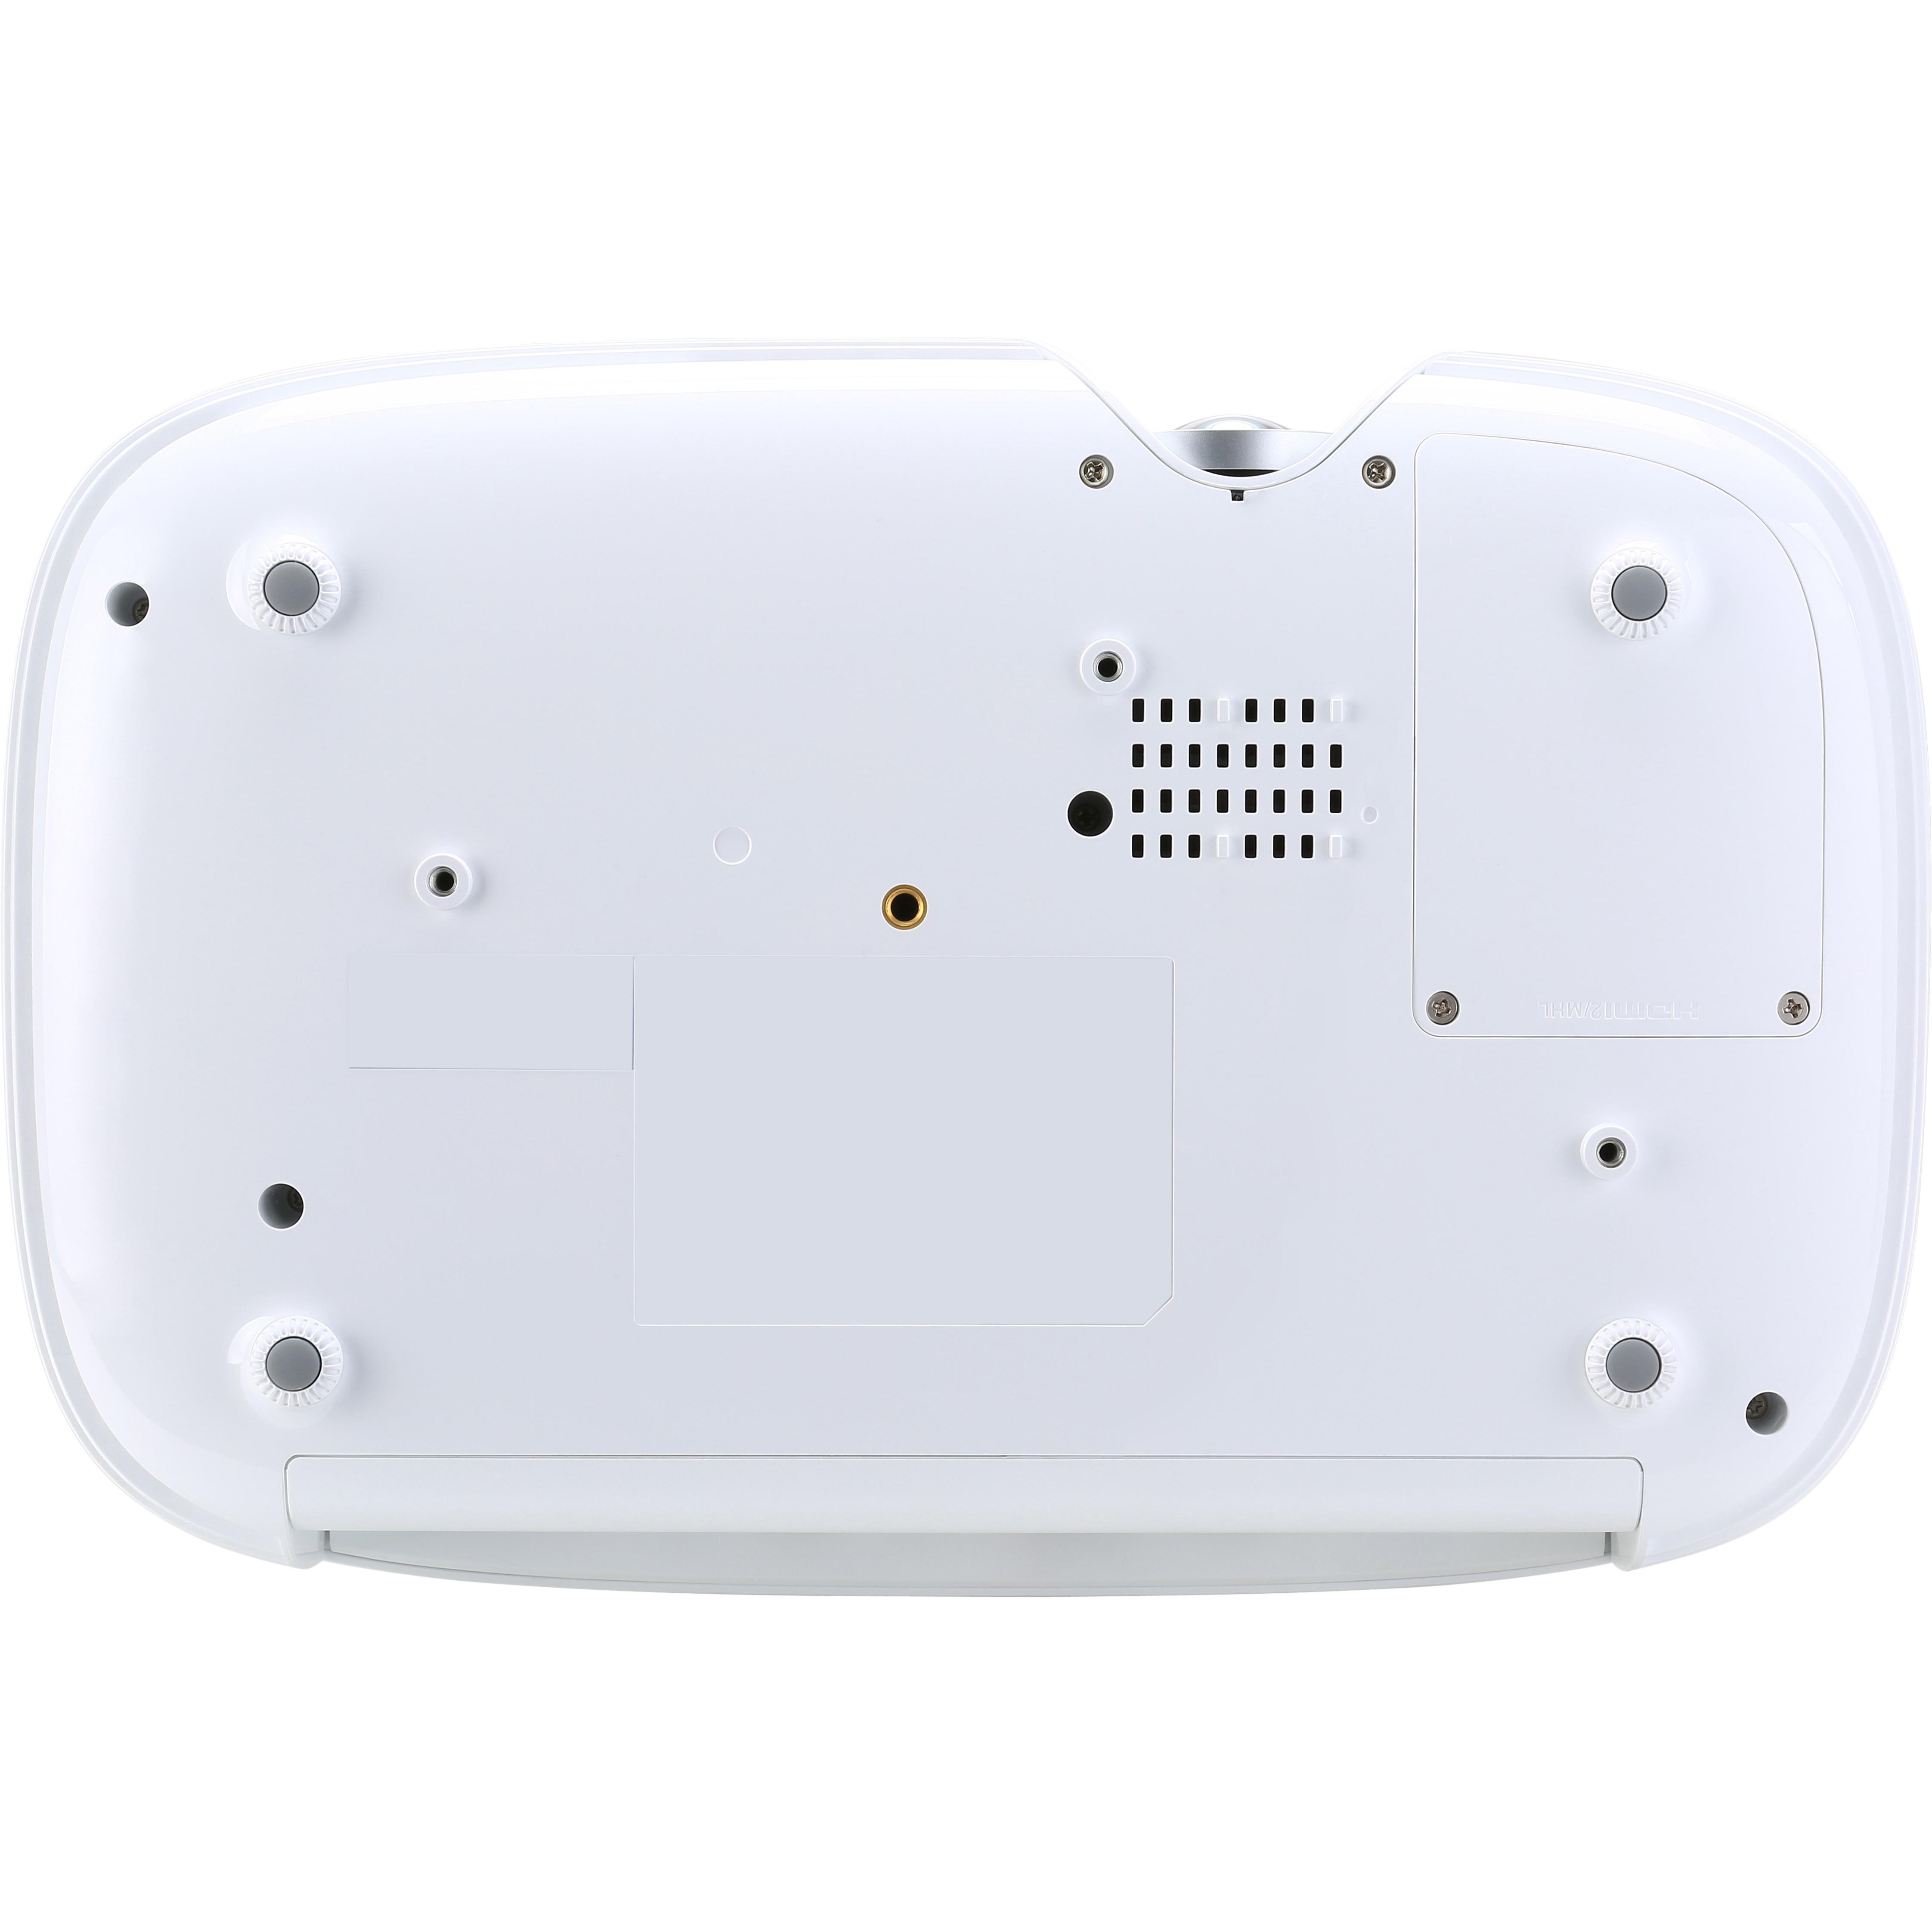 Acer K650i DLP Projector - HDTV - 16:9